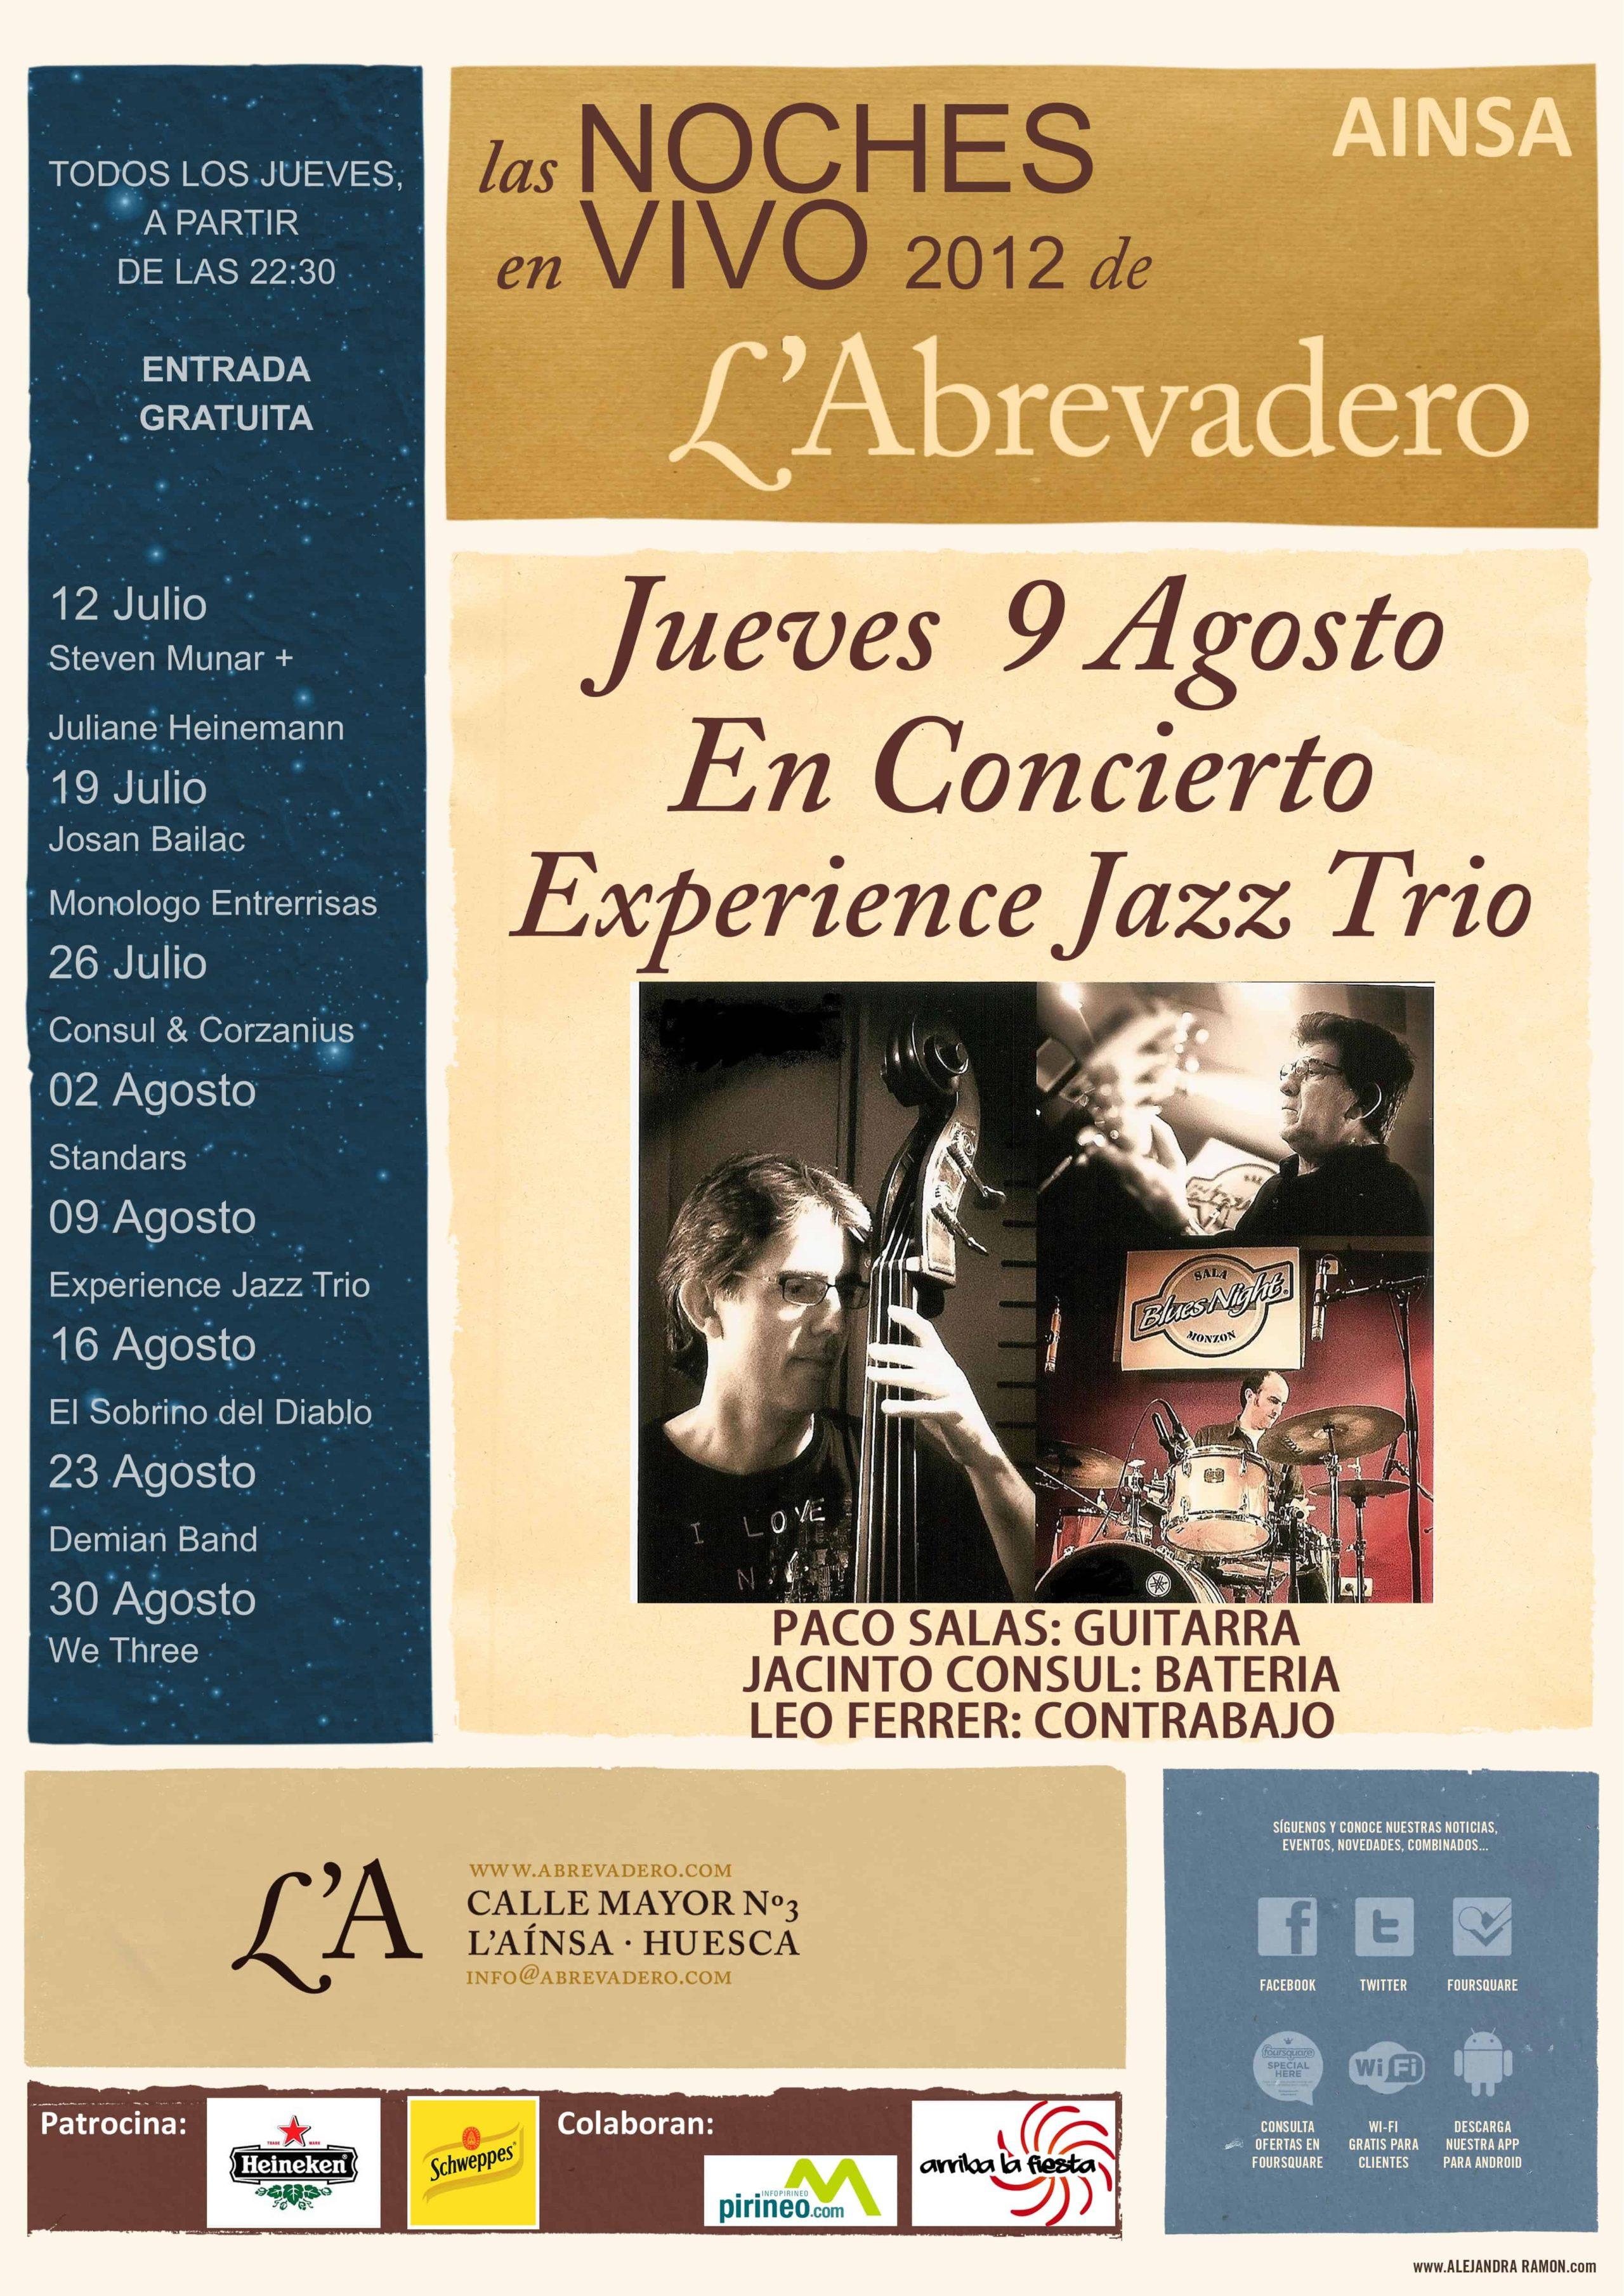 lasnochesenvivolabrevadero2012-experiencejazztrio.jpg